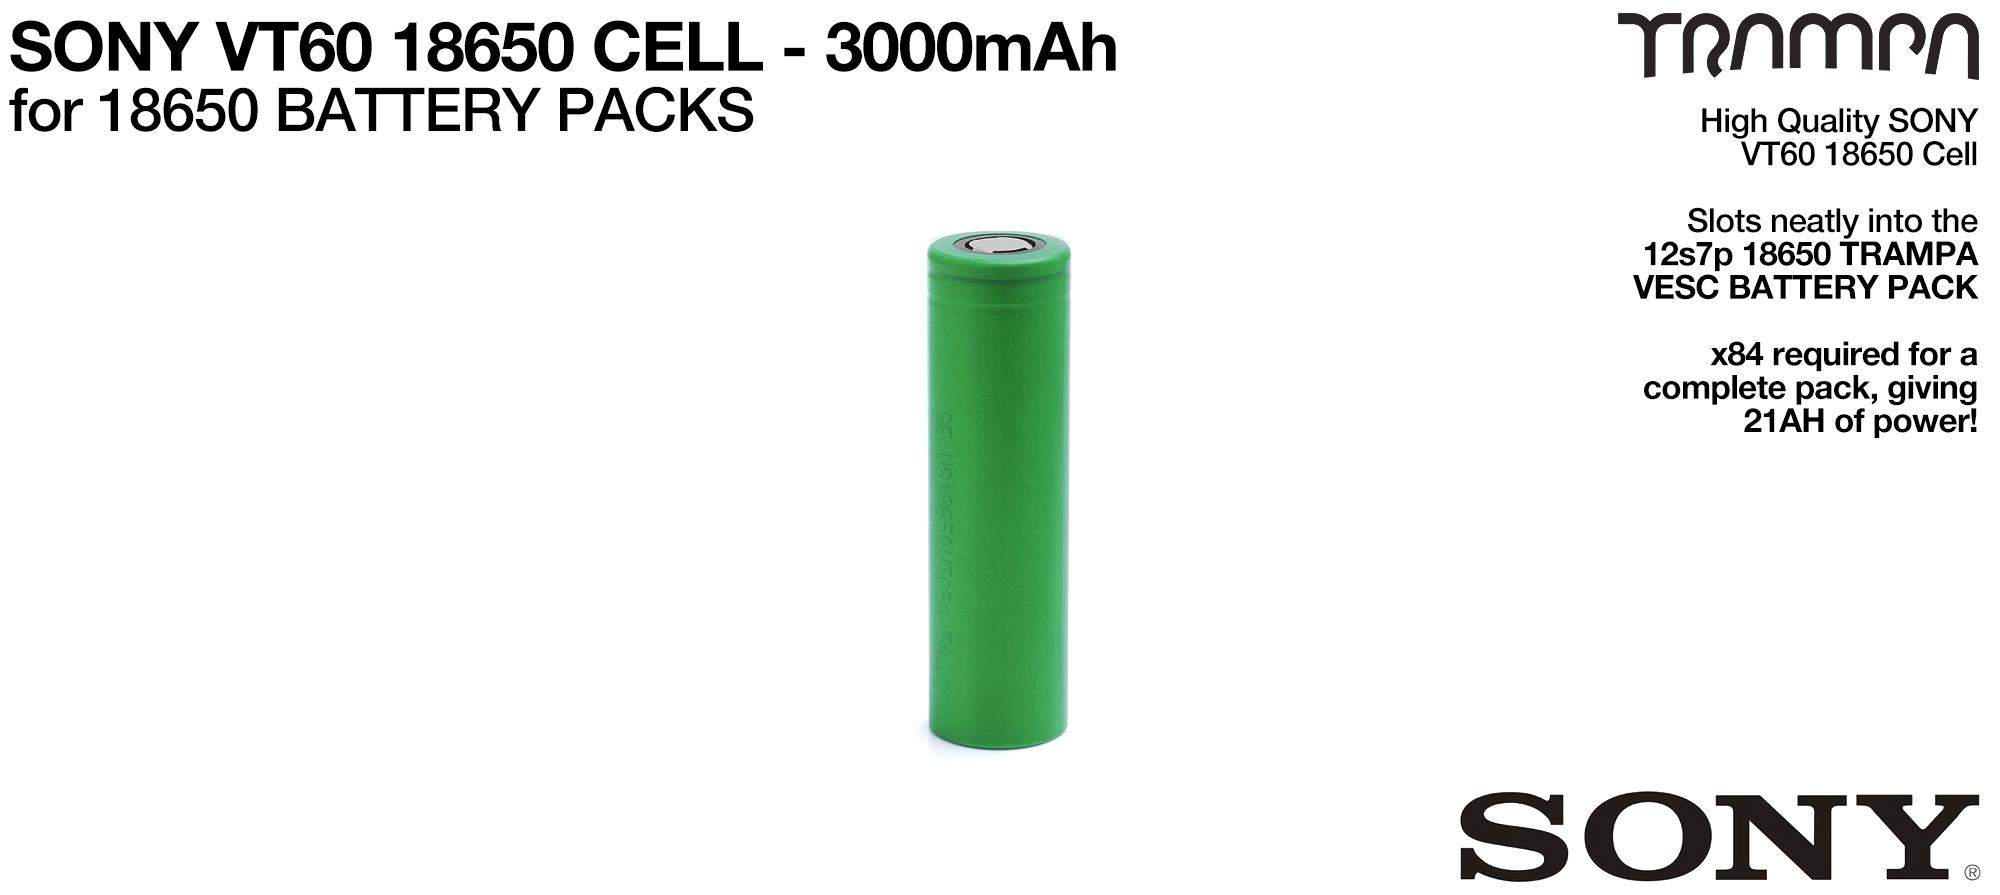 18650 Cells - SONY VT60 3000mAh